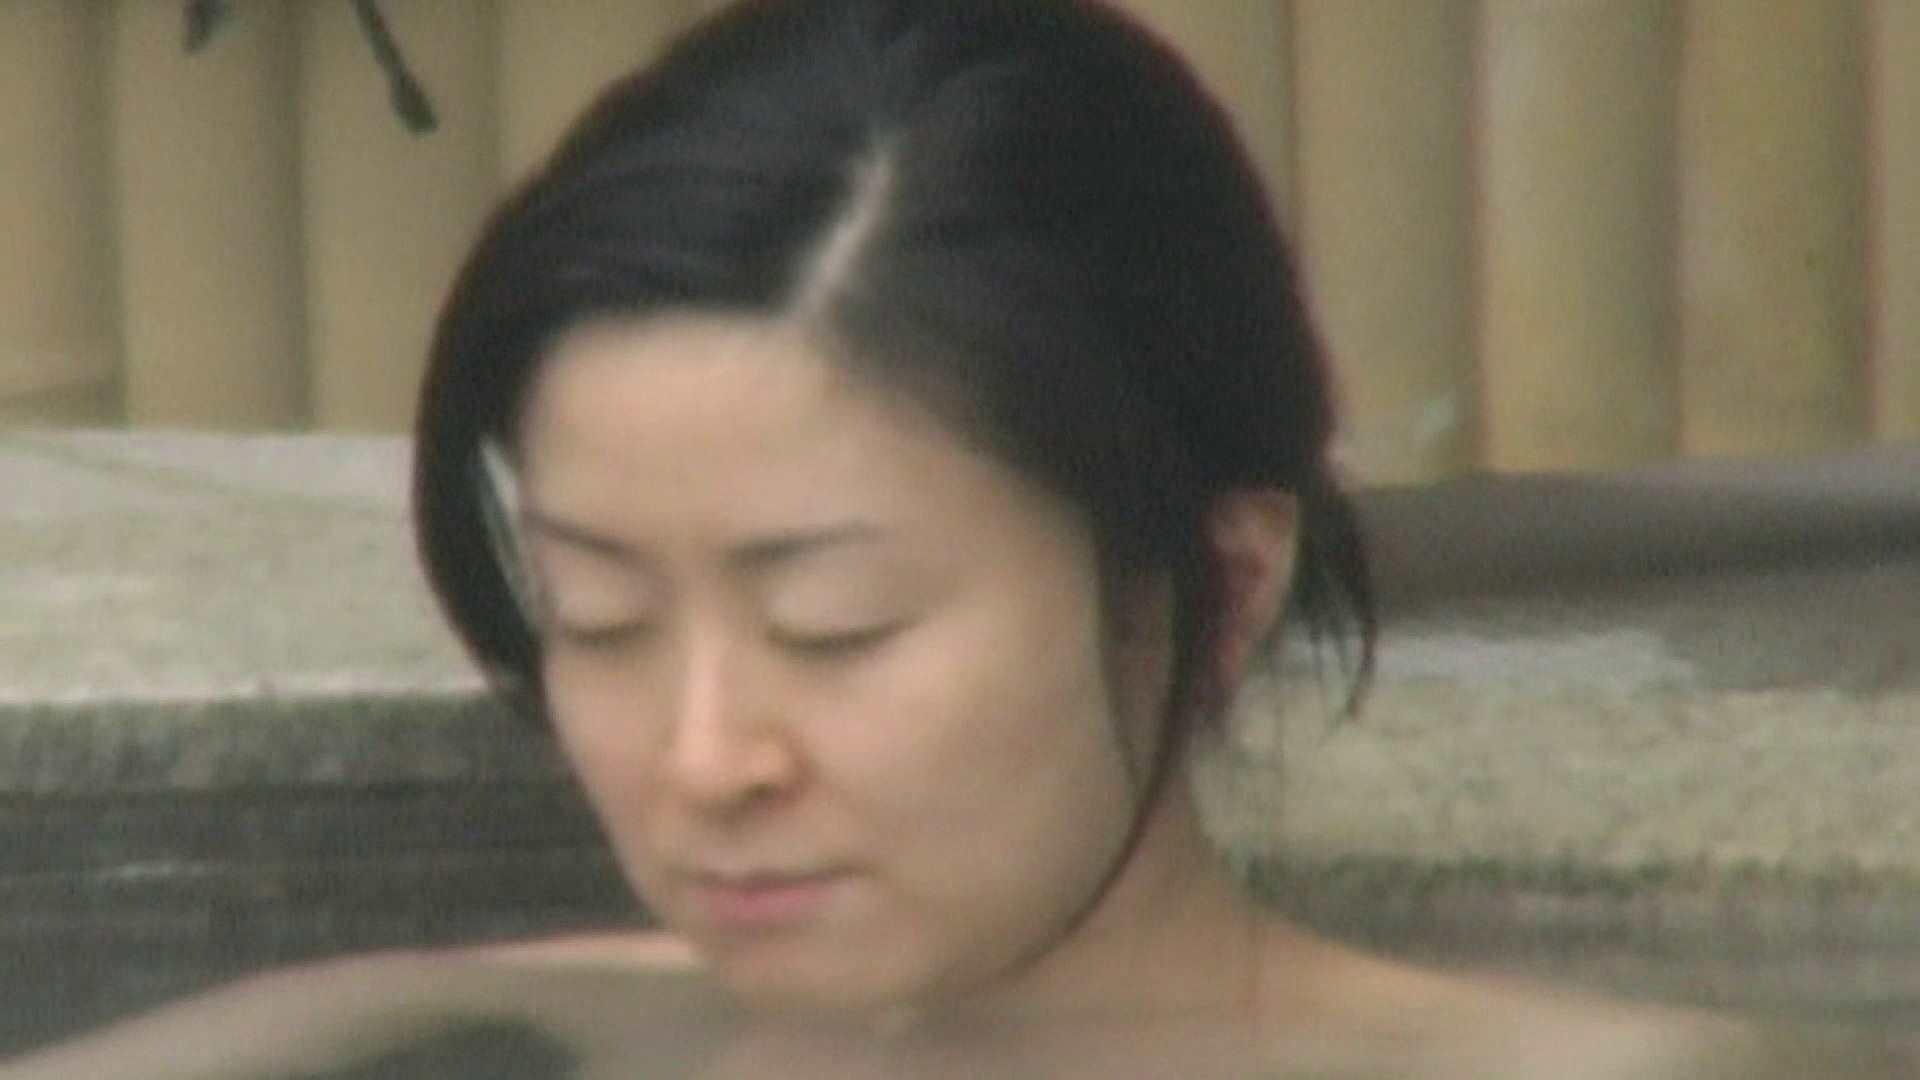 Aquaな露天風呂Vol.548 盗撮  103画像 45